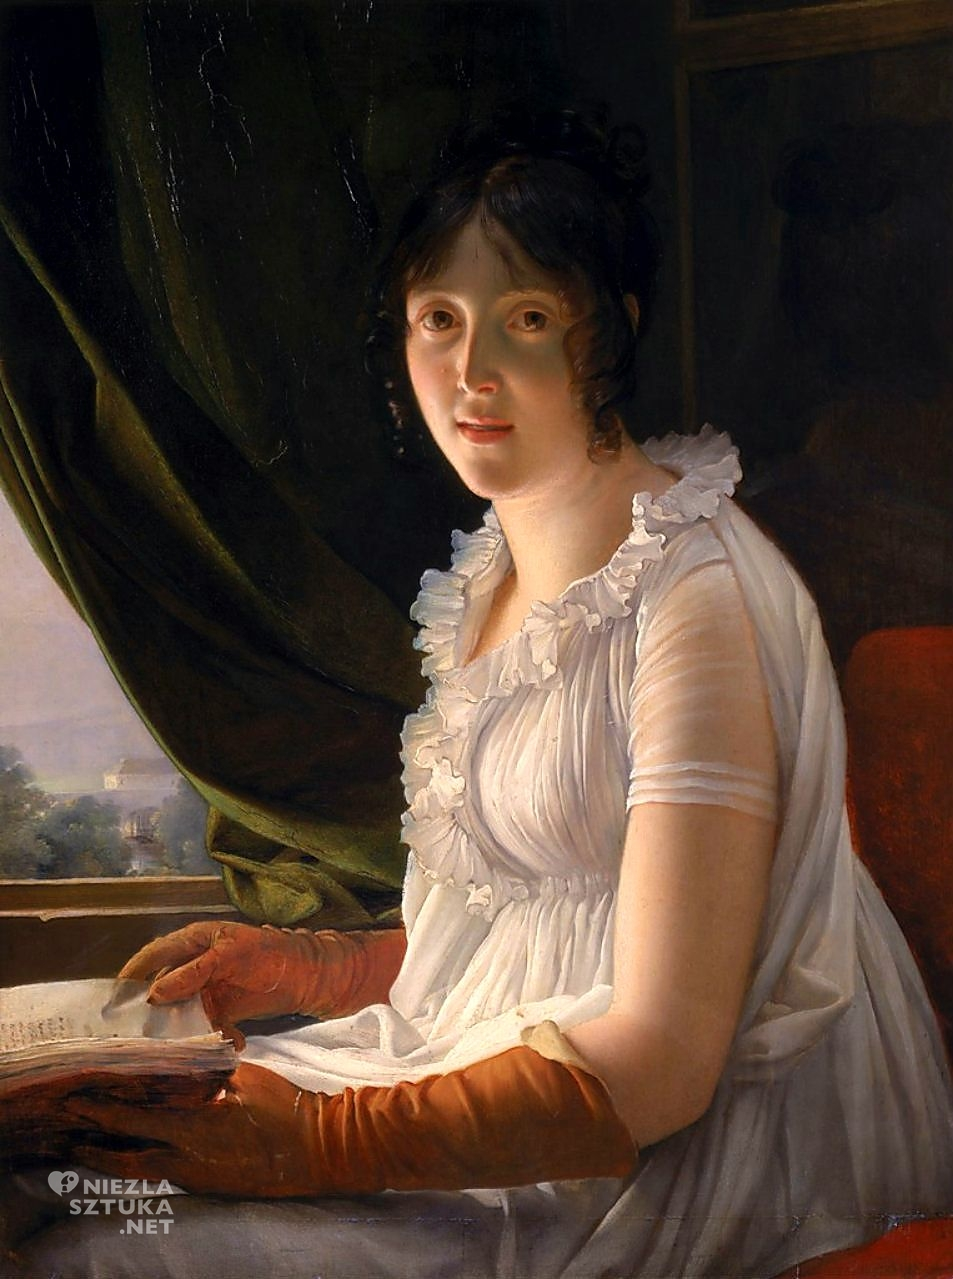 François Gérard, Pani Barbier-Walbonne, Niezła sztuka